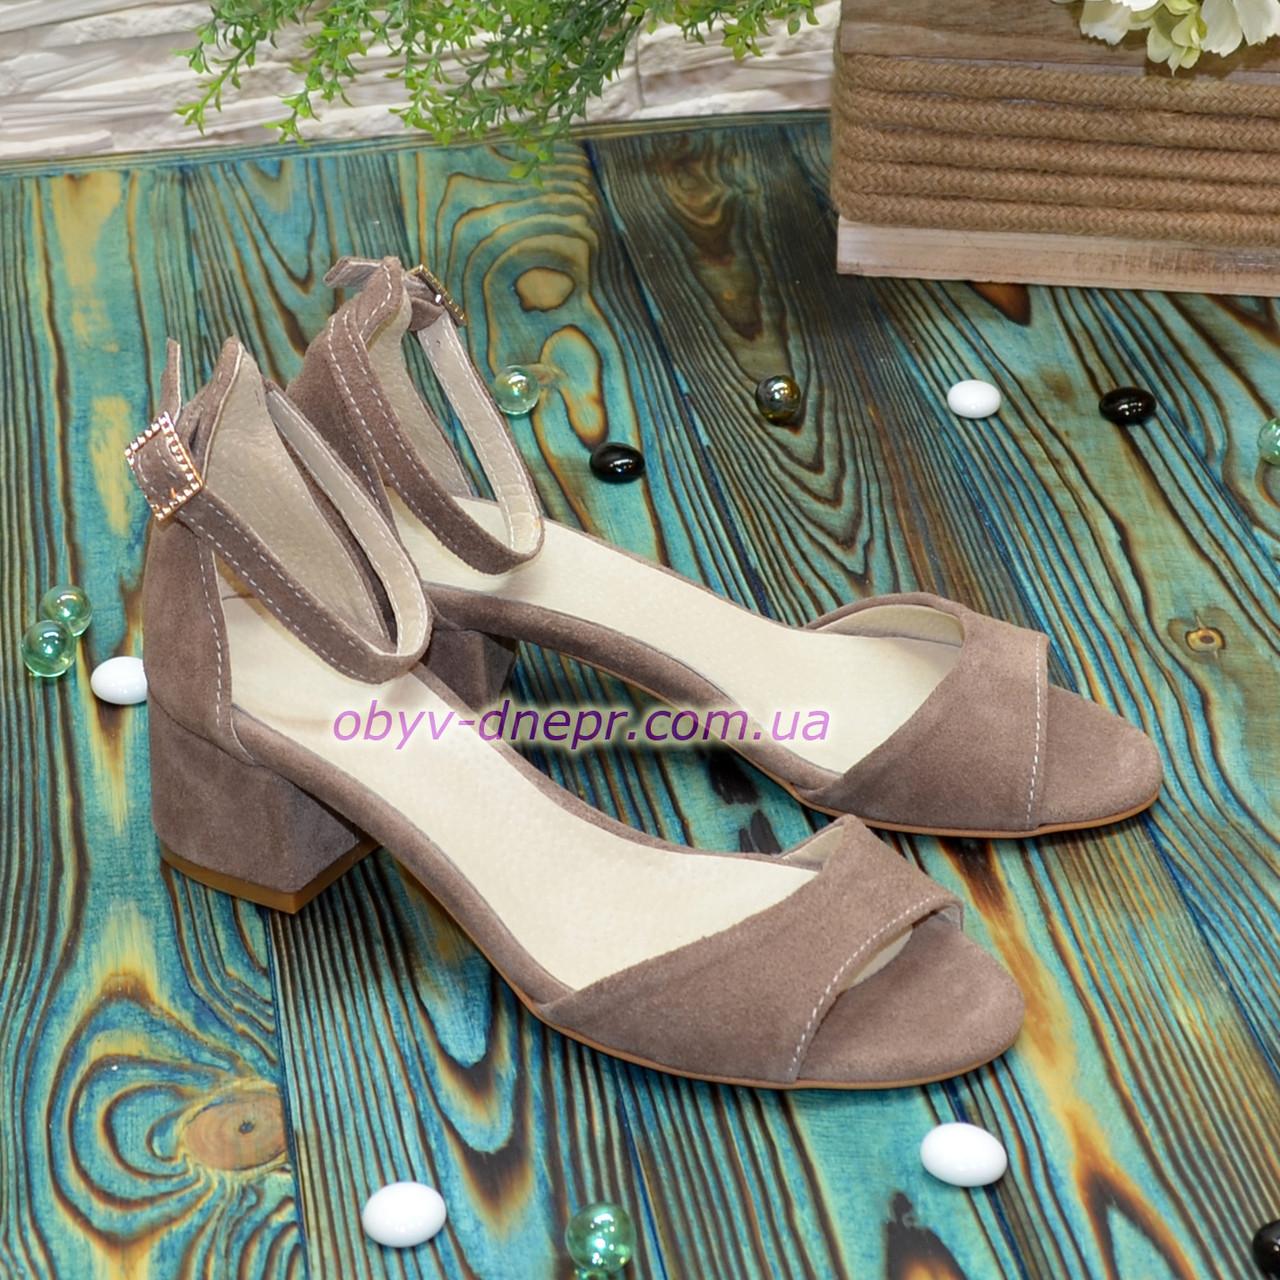 Босоножки женские замшевые на невысоком каблуке, цвет бежевый